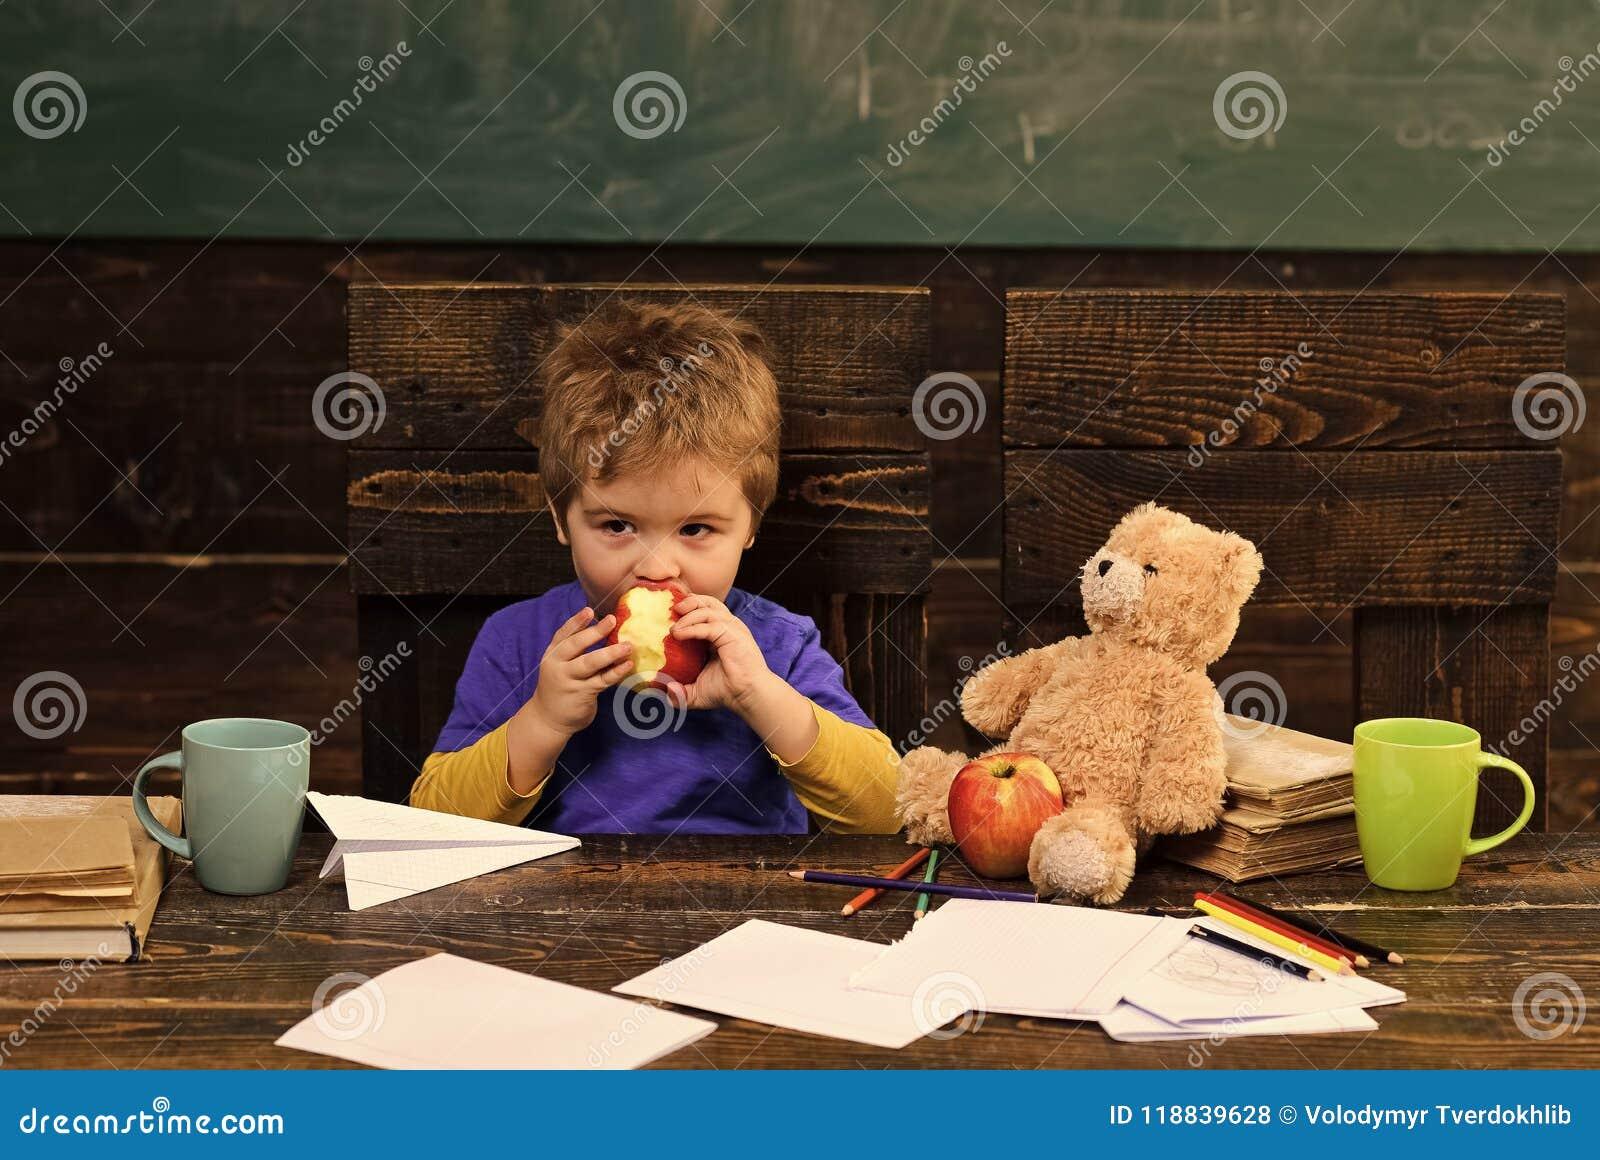 Mudança da escola Ruptura da escola Maçã cortante da criança com fome na sala de aula Menino pequeno que joga com o urso de papel